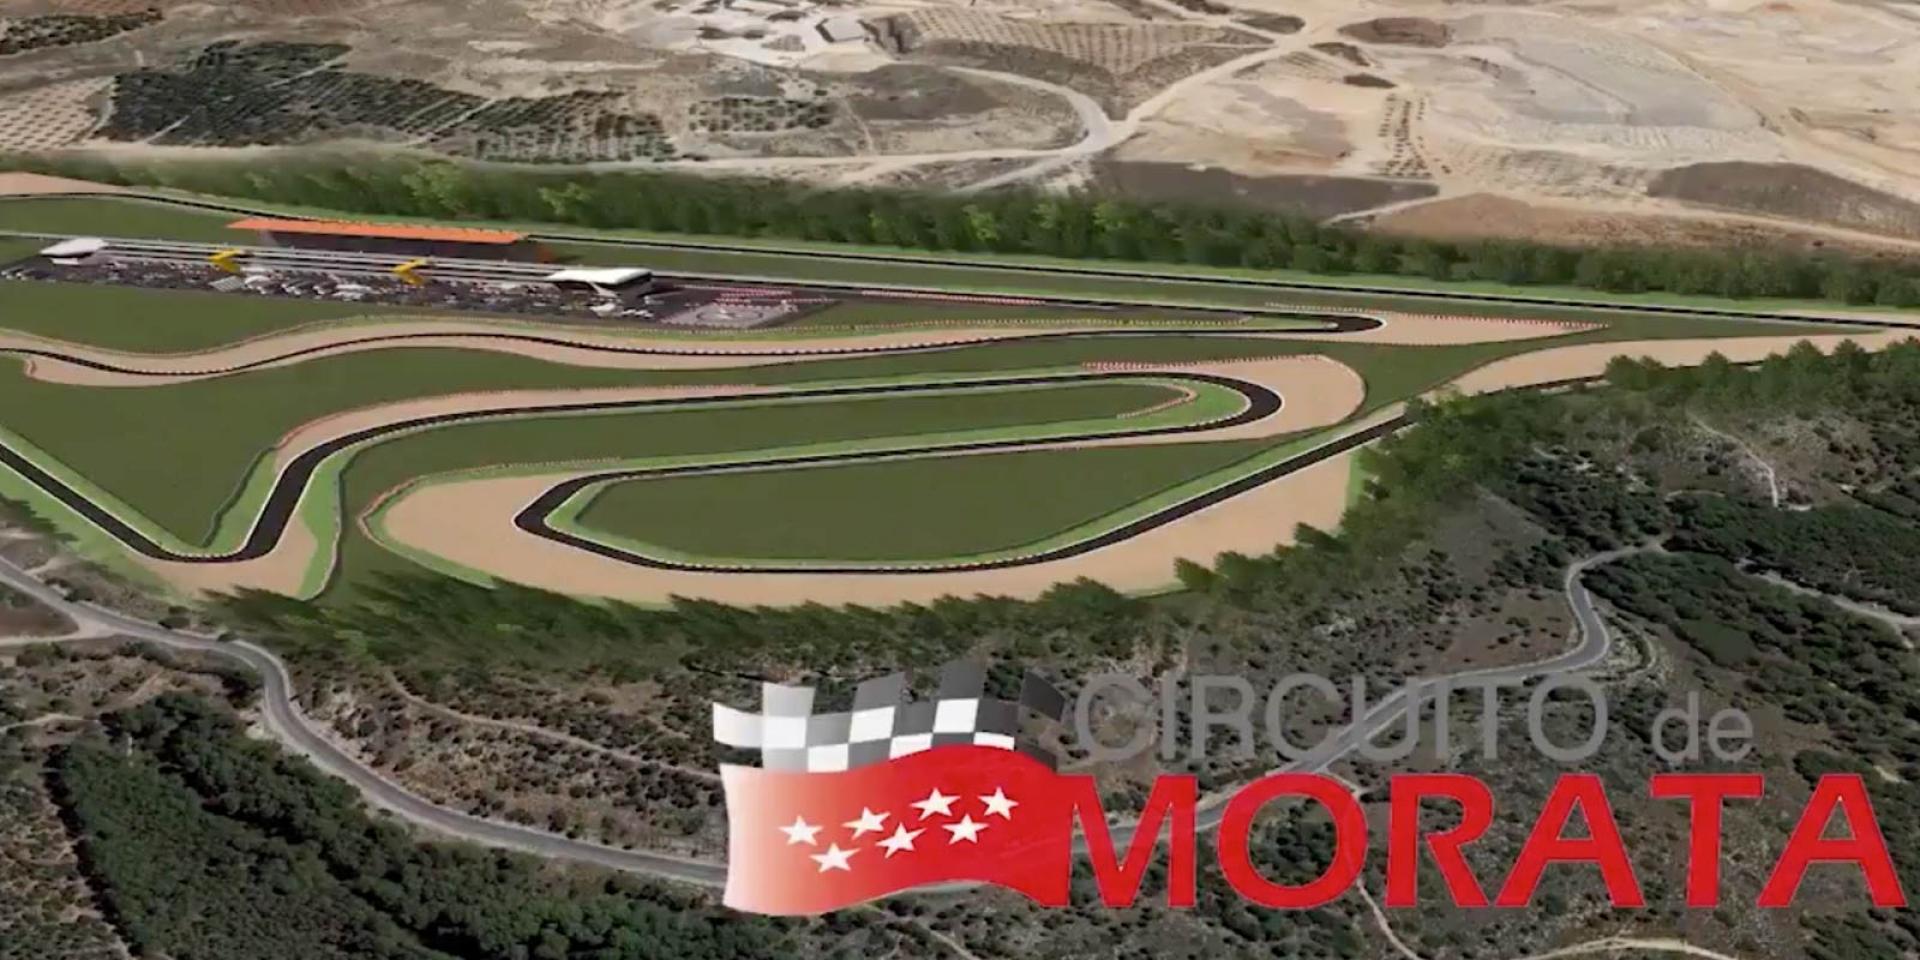 西班牙馬德里新賽道!Circuit Morata目標未來爭取MotoGP舉辦